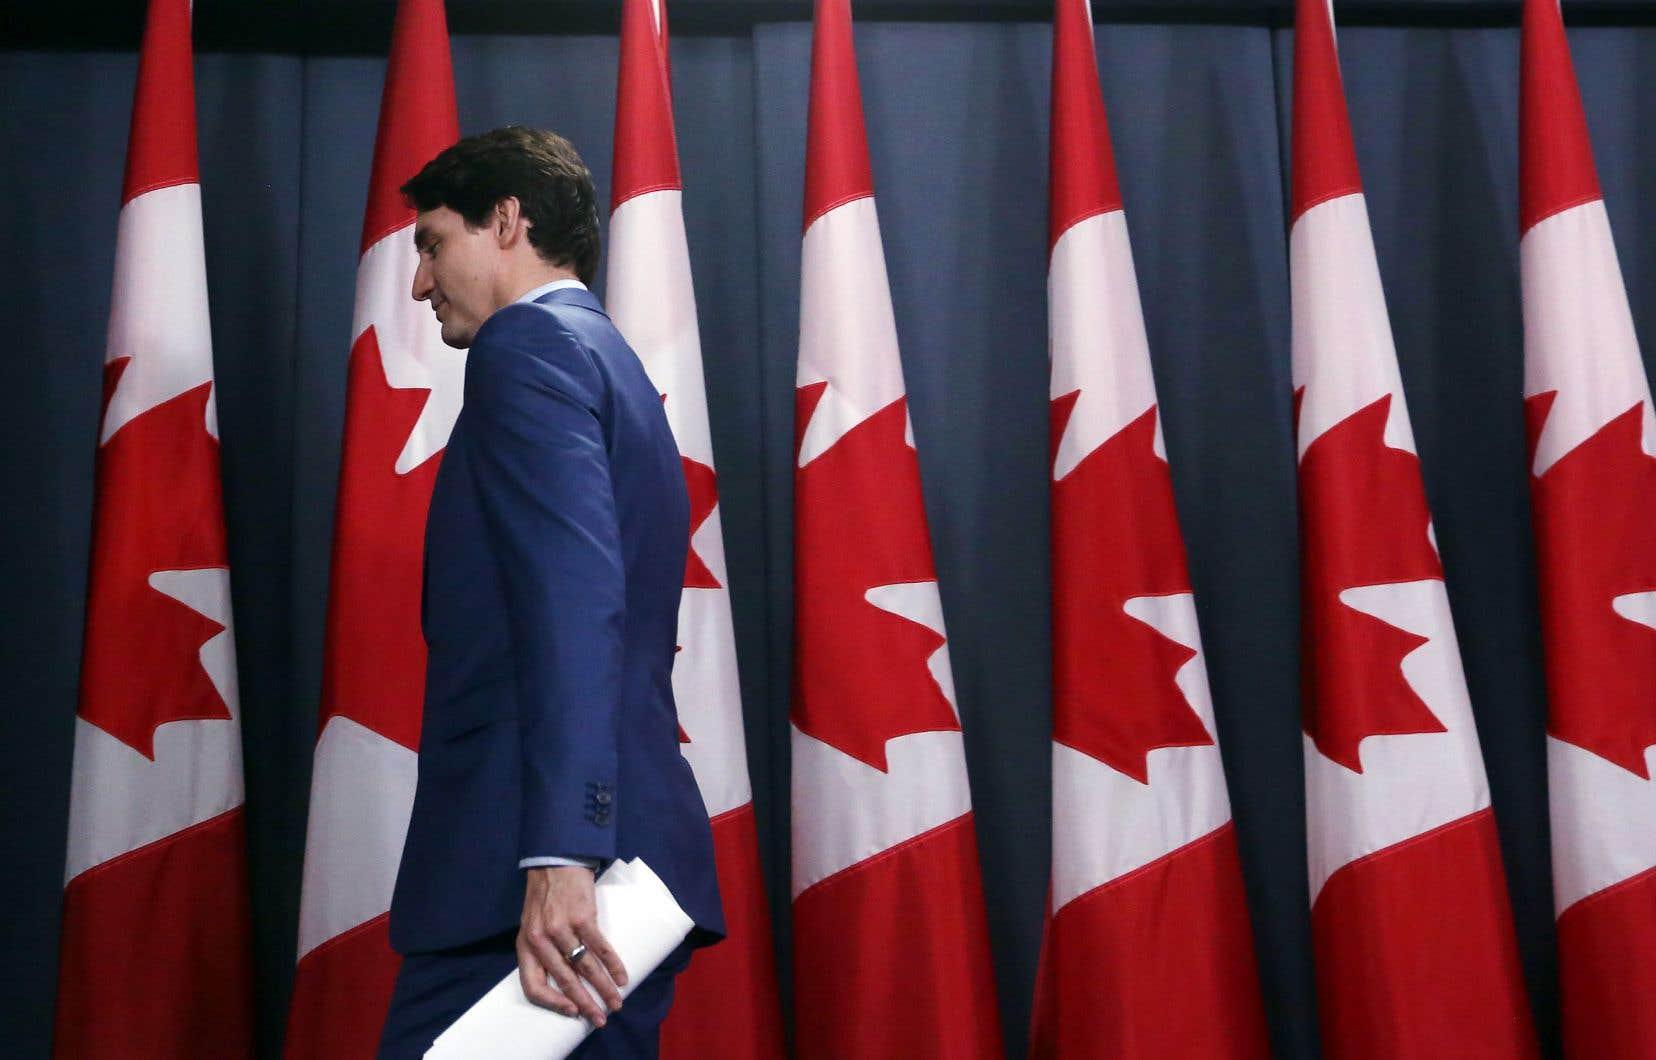 Justin Trudeau a reconnu qu'il avait visiblement mal jaugé les sentiments de l'ancienne ministre Jody Wilson-Raybould dans l'affaire SNC-Lavalin.